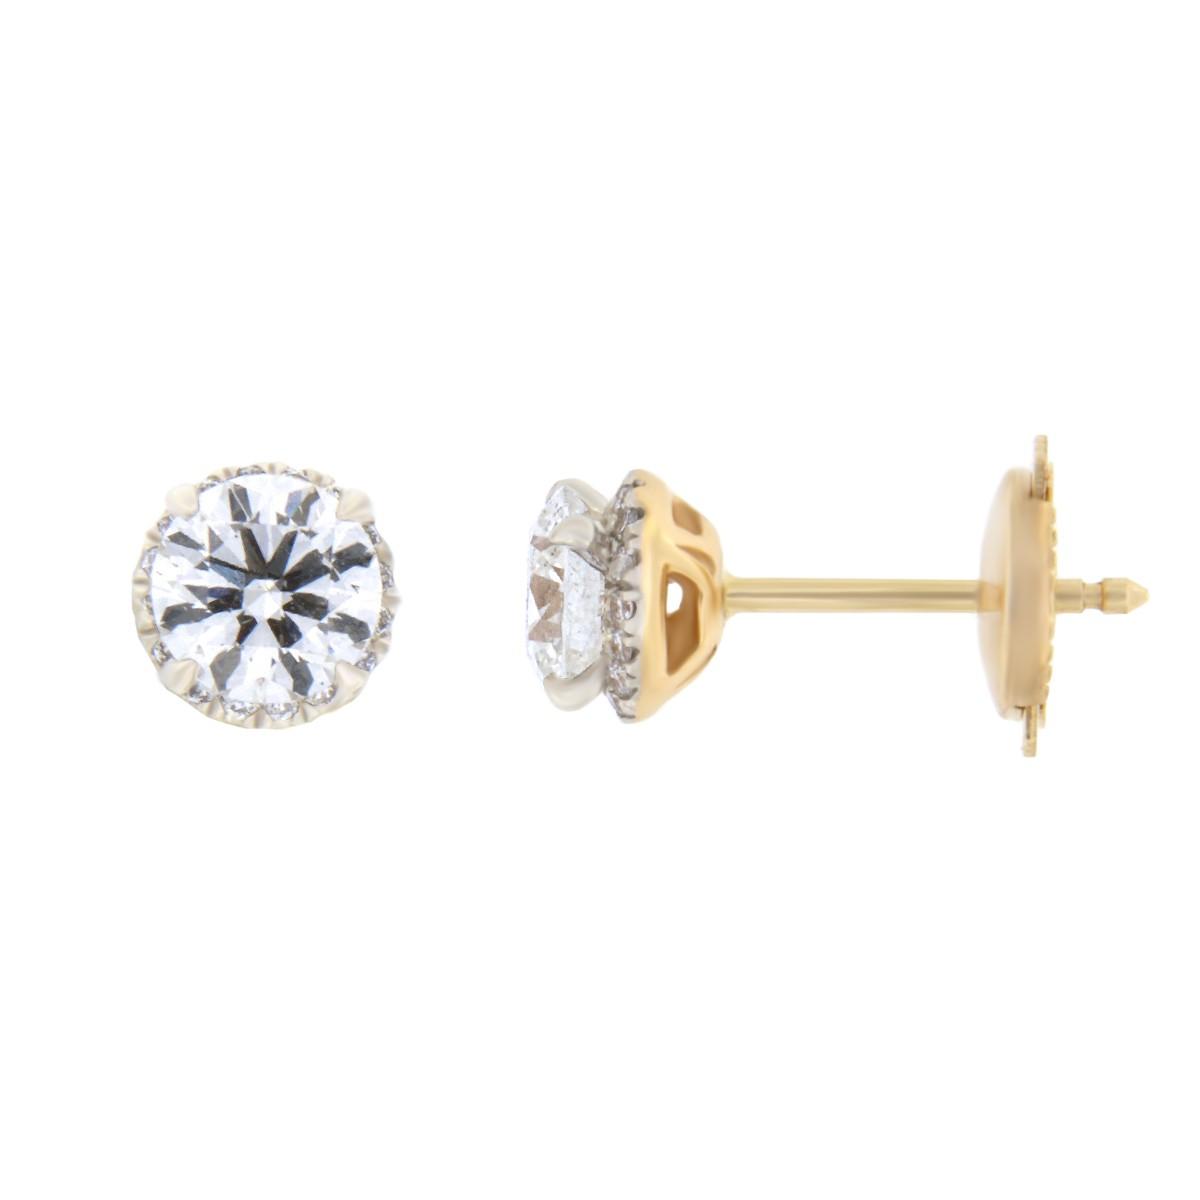 Kullast kõrvarõngad teemantidega 1,27 ct. Kood: 167ae